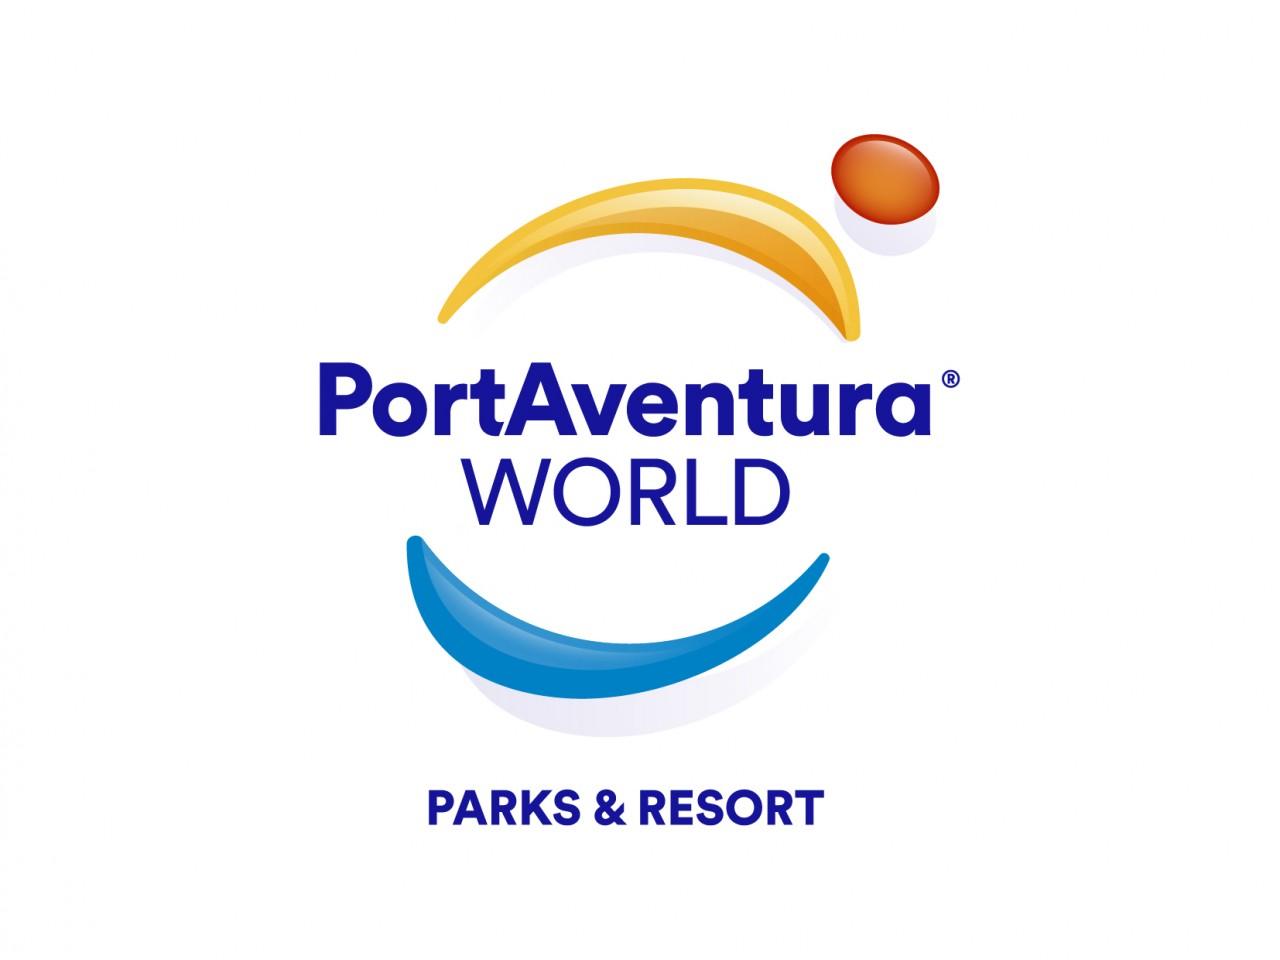 PORTAVENTURA WORLD TICKET PRICES